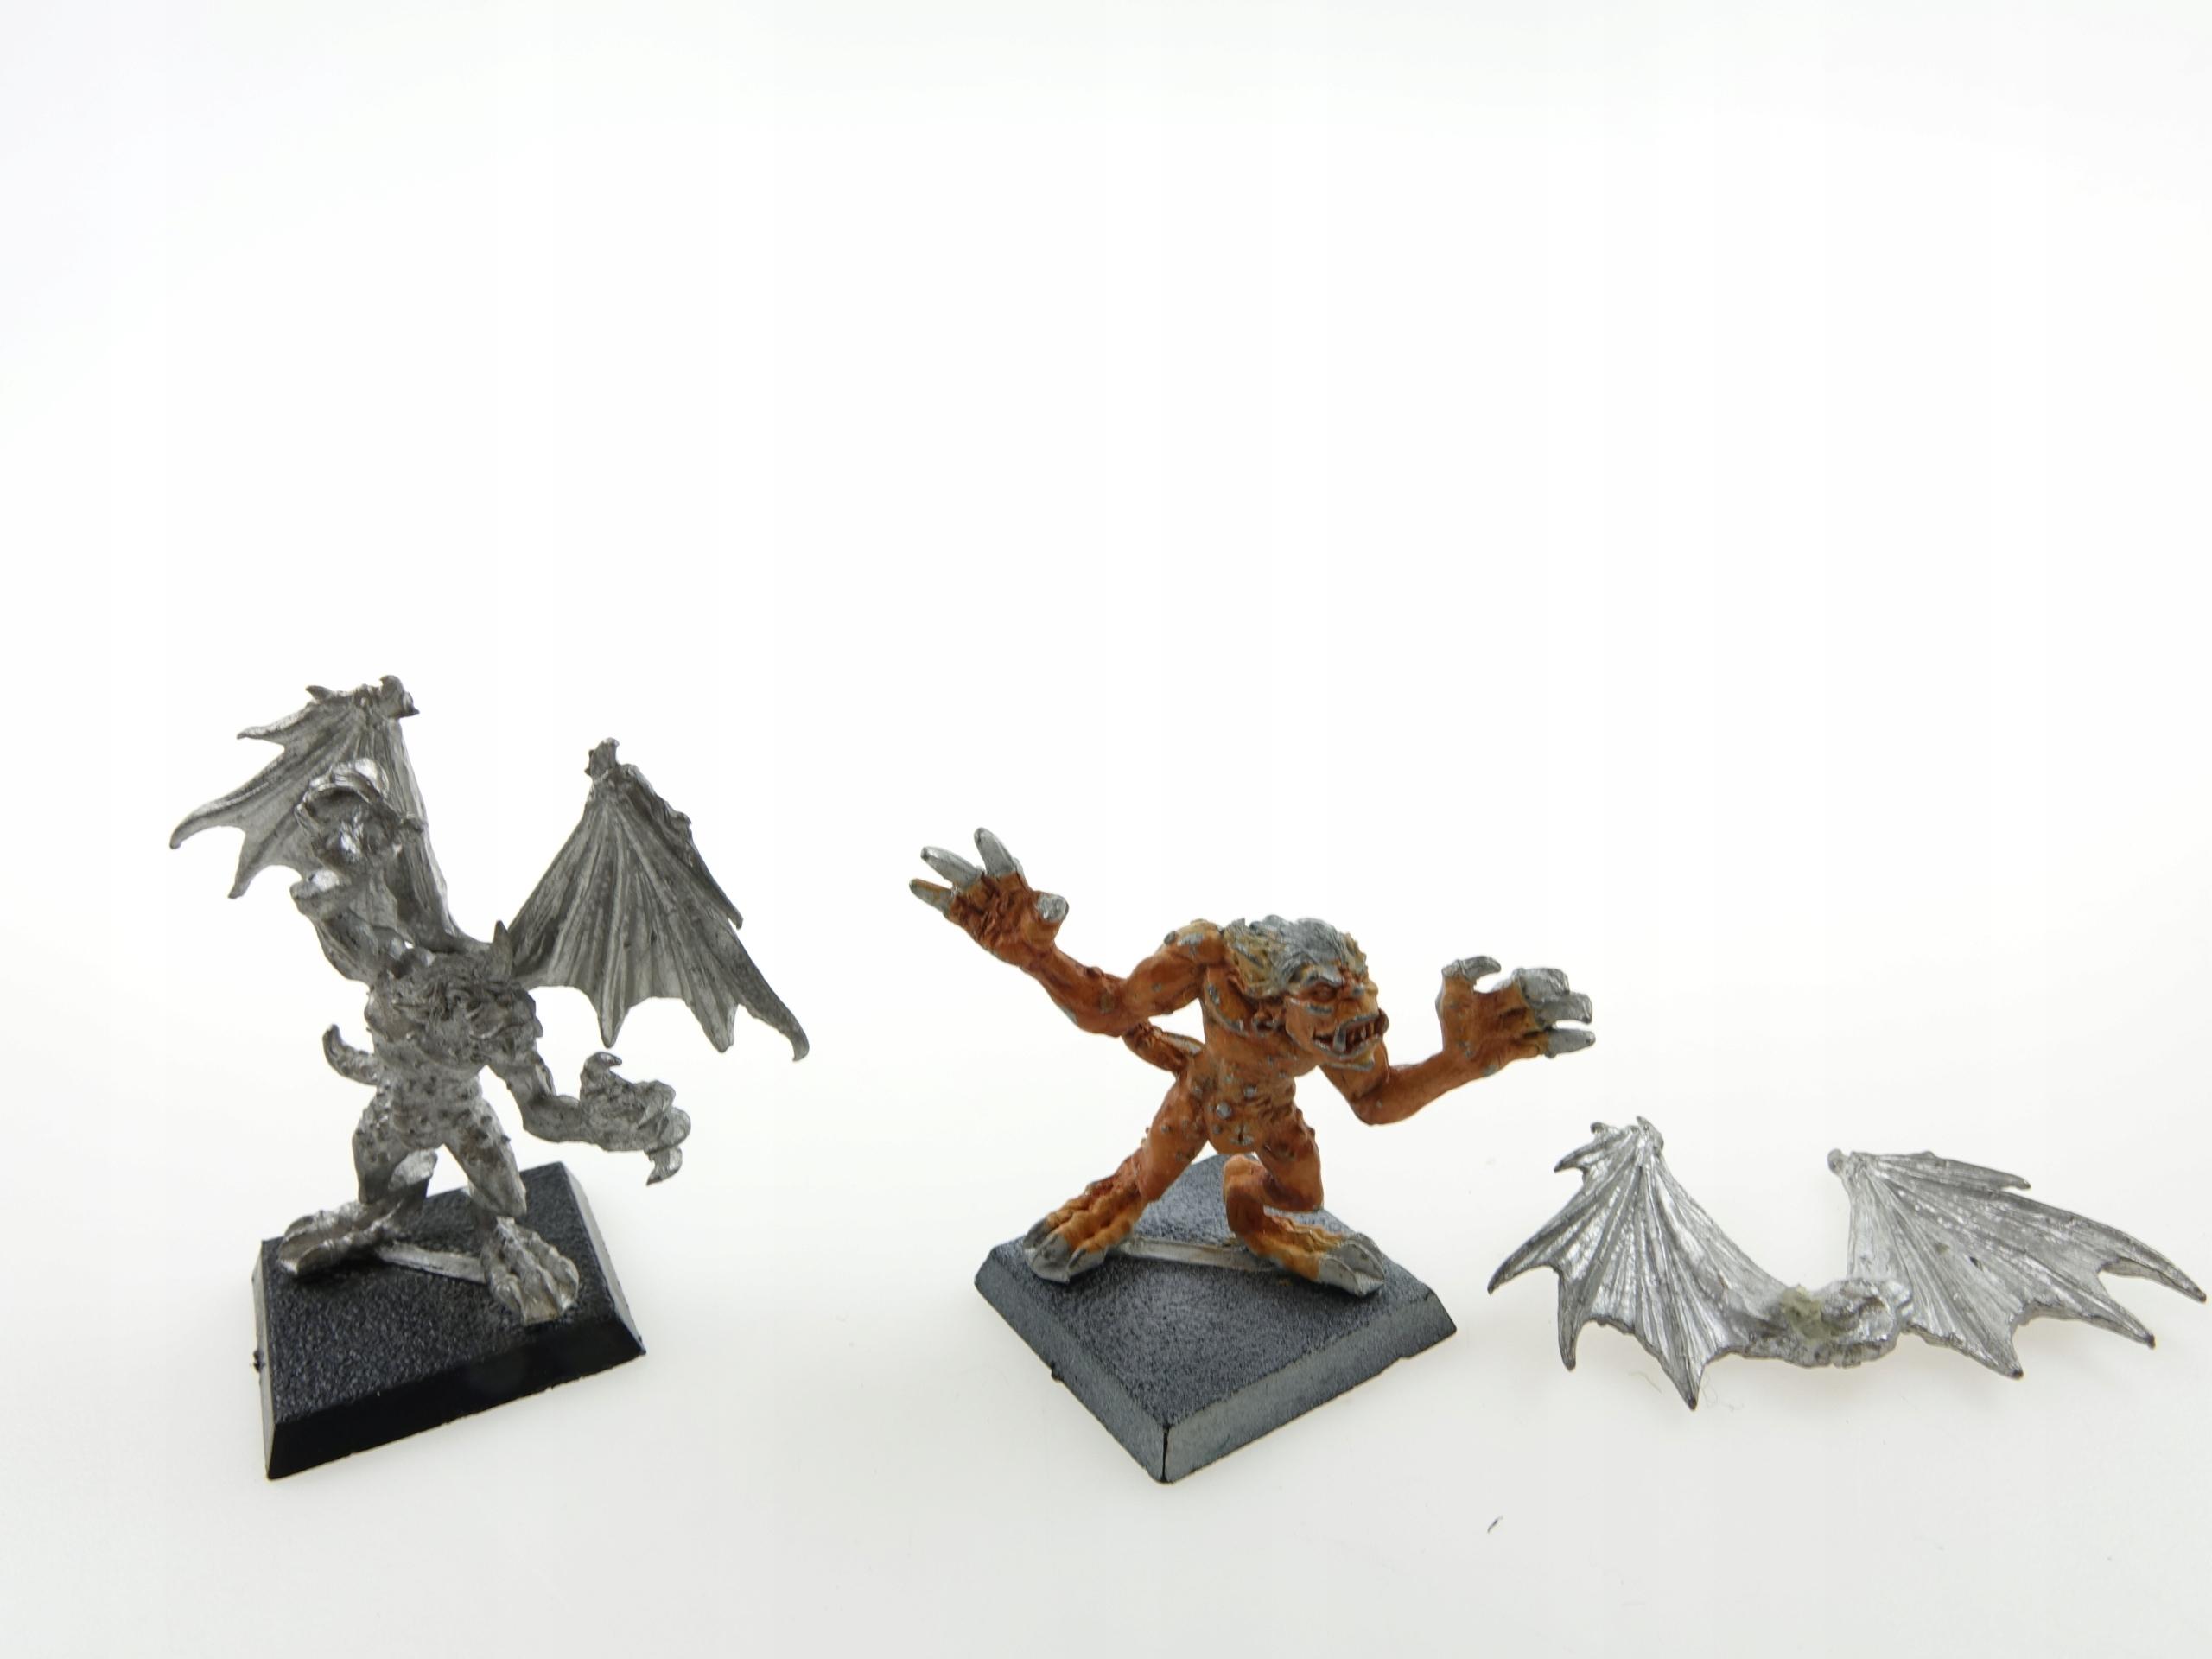 Warhammer Dark Elf Harpies Set 2 Figurines Metal